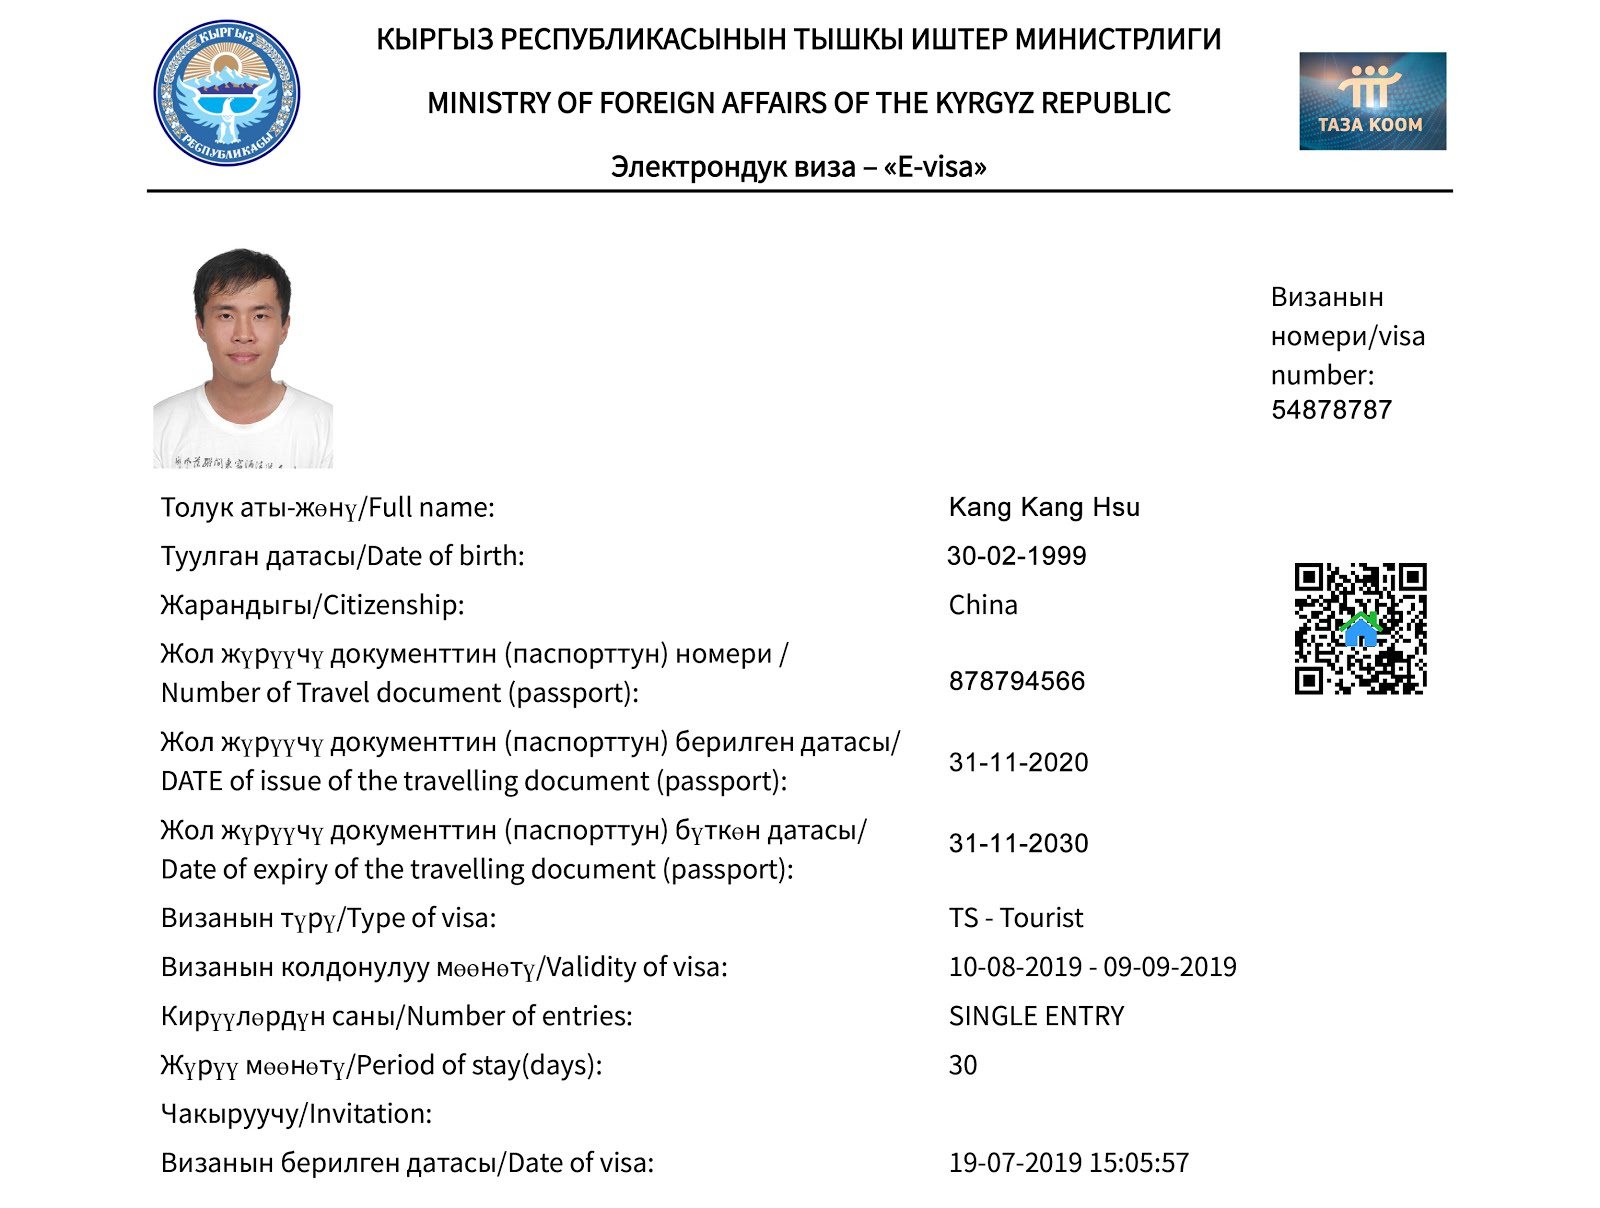 中亞 吉爾吉斯 電子簽證 圖文申請教學 攻略